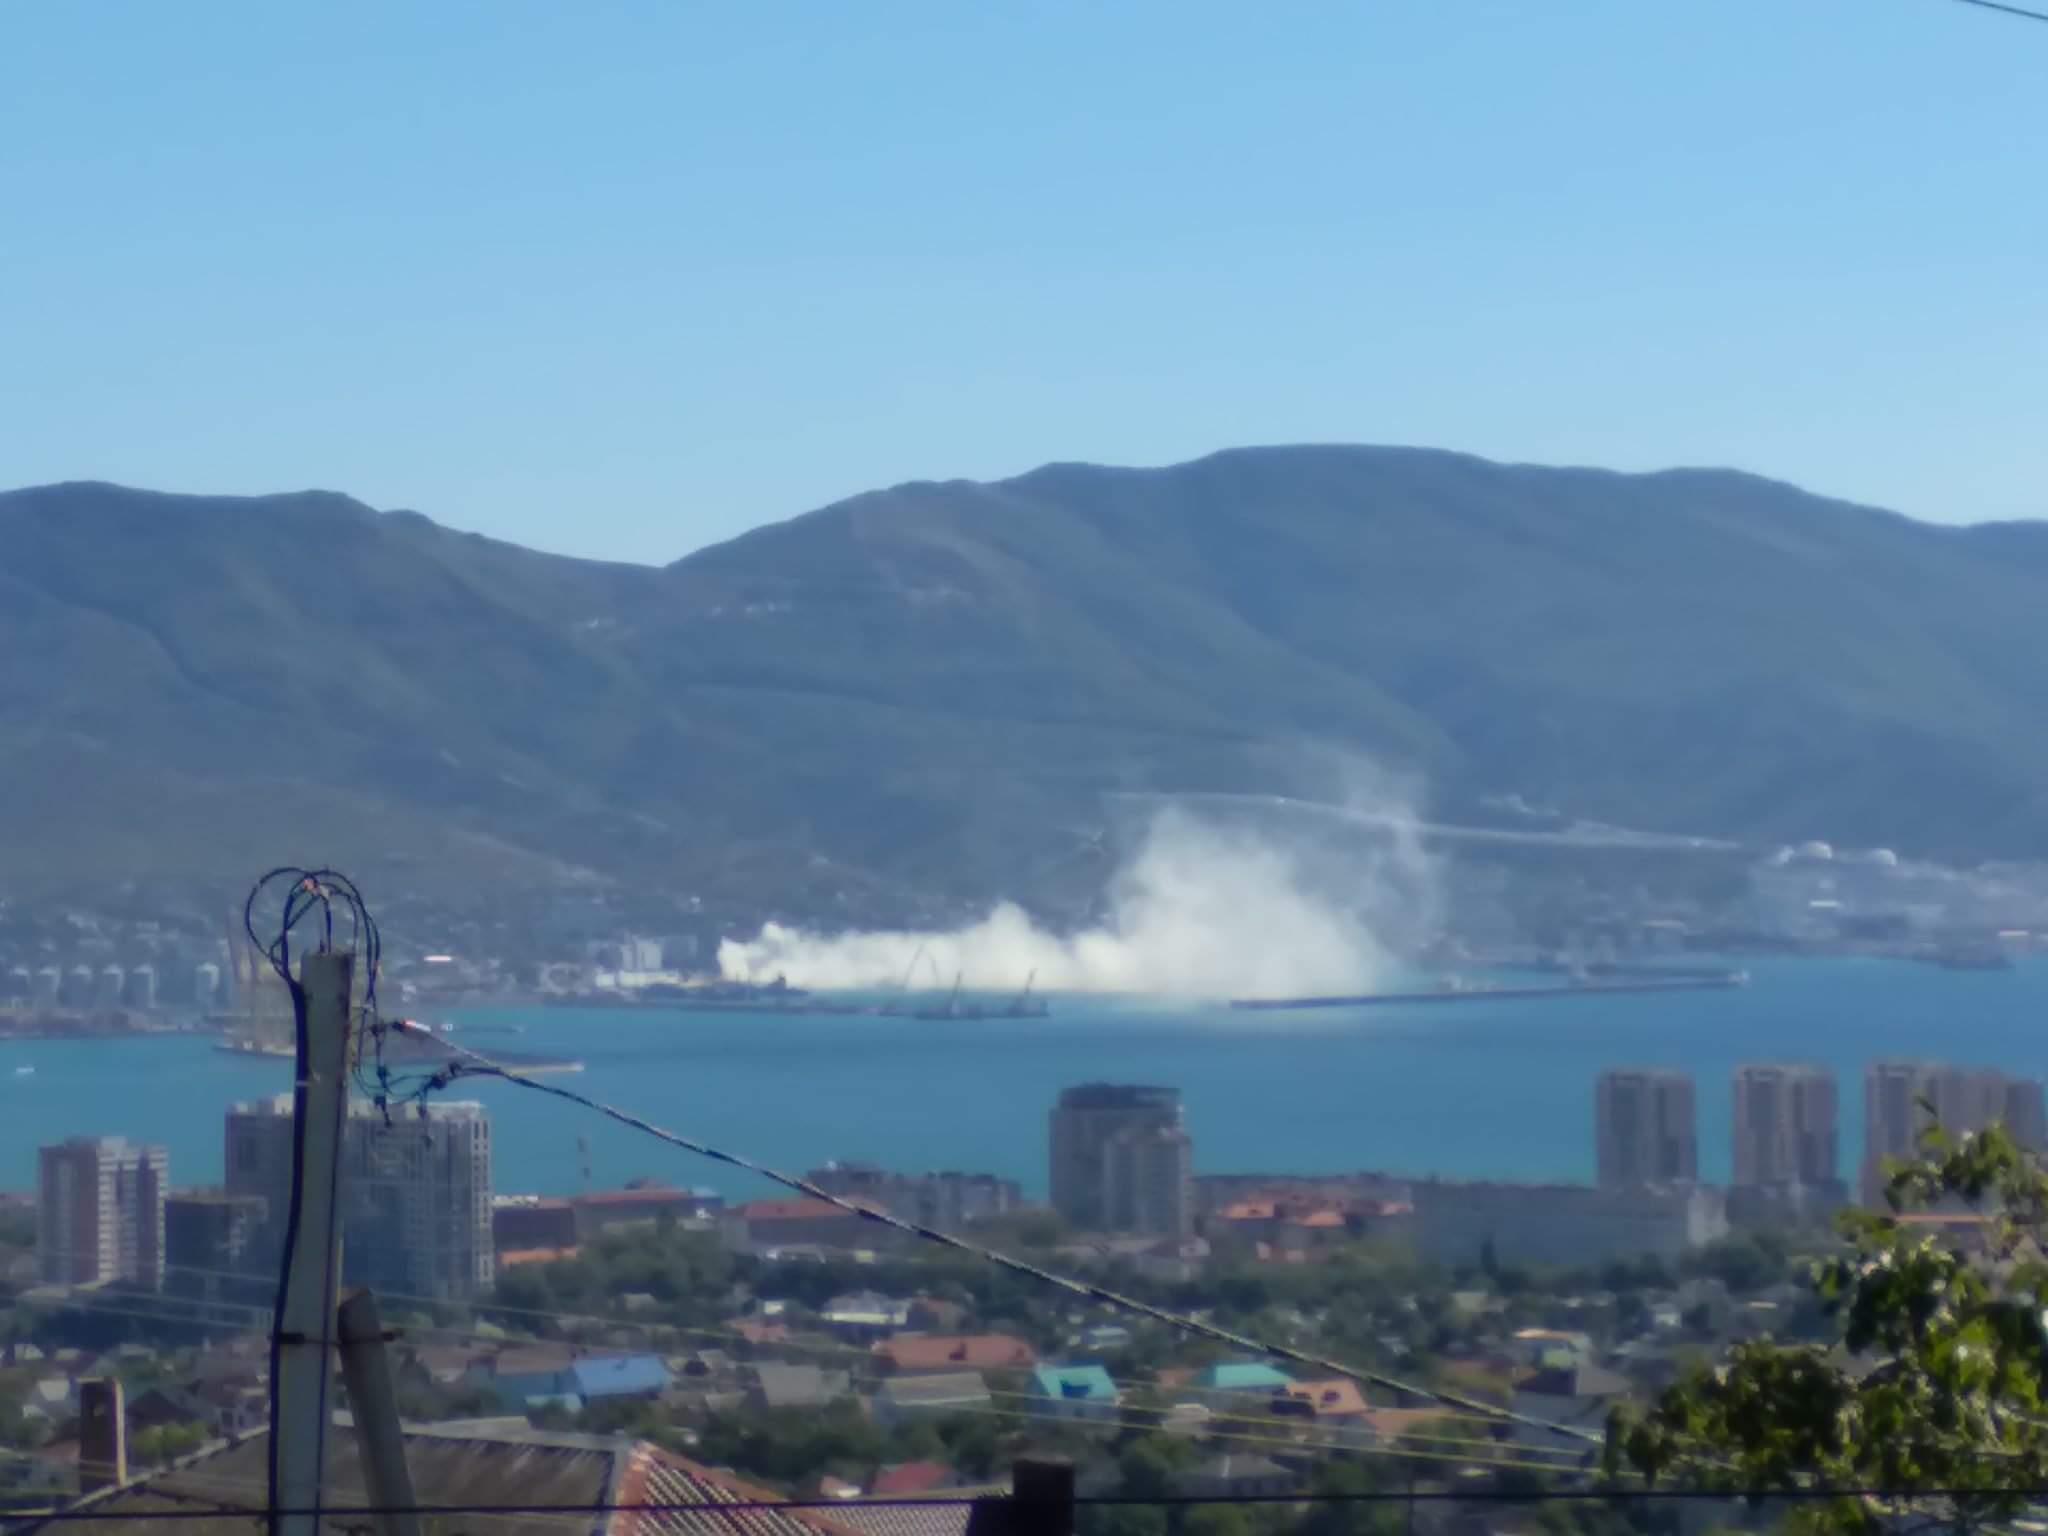 В Новороссийске на военно-морской базе в небо выпустили плотное белое облако